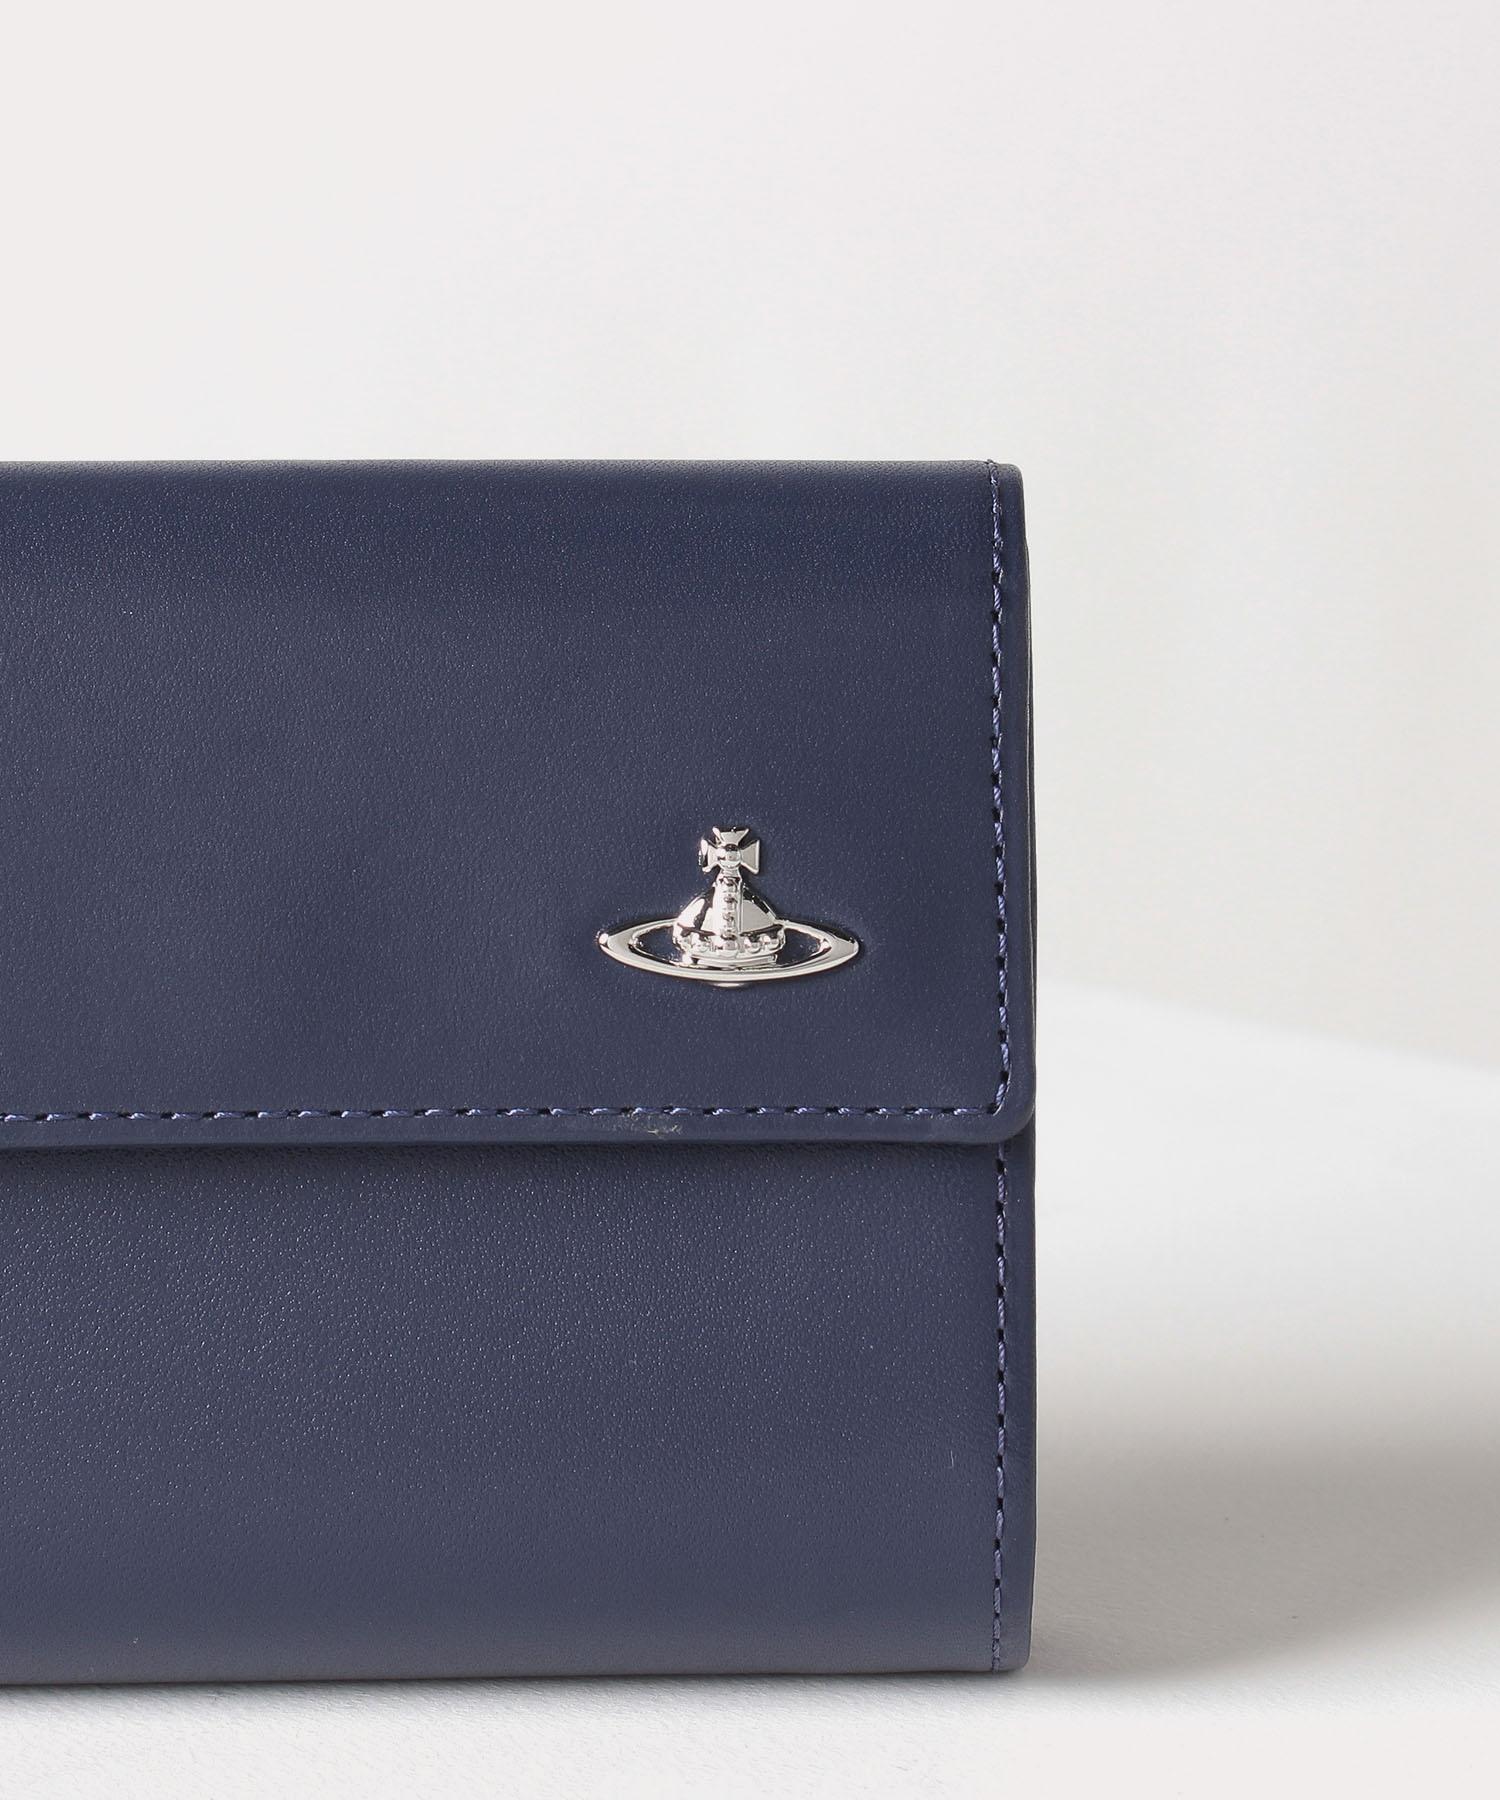 オンラインショップ限定カラー ヴィンテージ WATER ORB 口金二つ折り財布